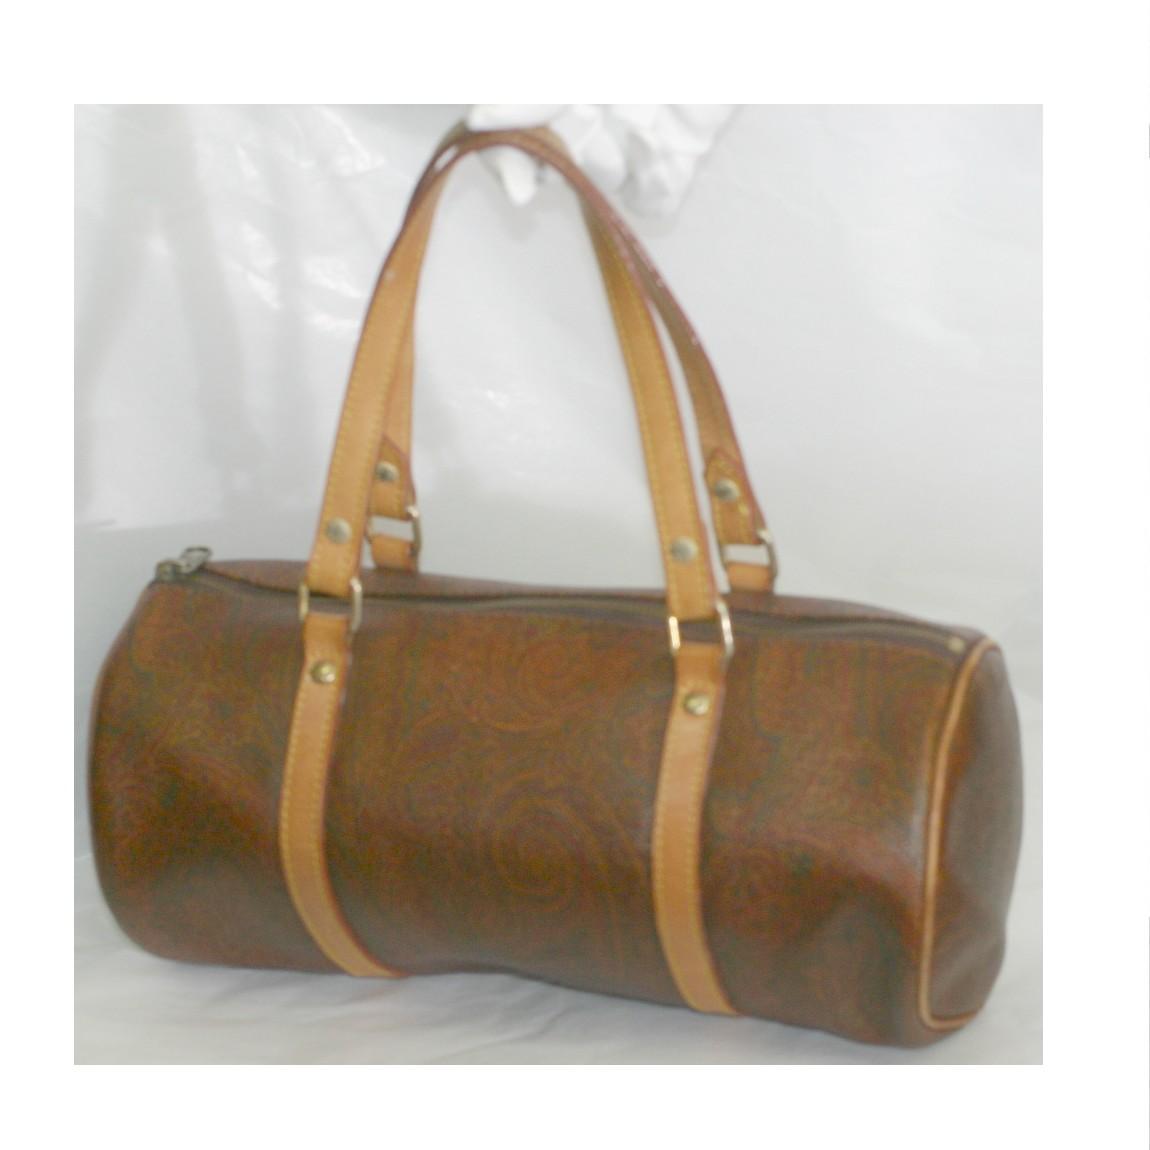 【中古】本物美品エトロ女性用ペイズリー柄の円筒形バッグ サイズW29直径14cm ○C14-147